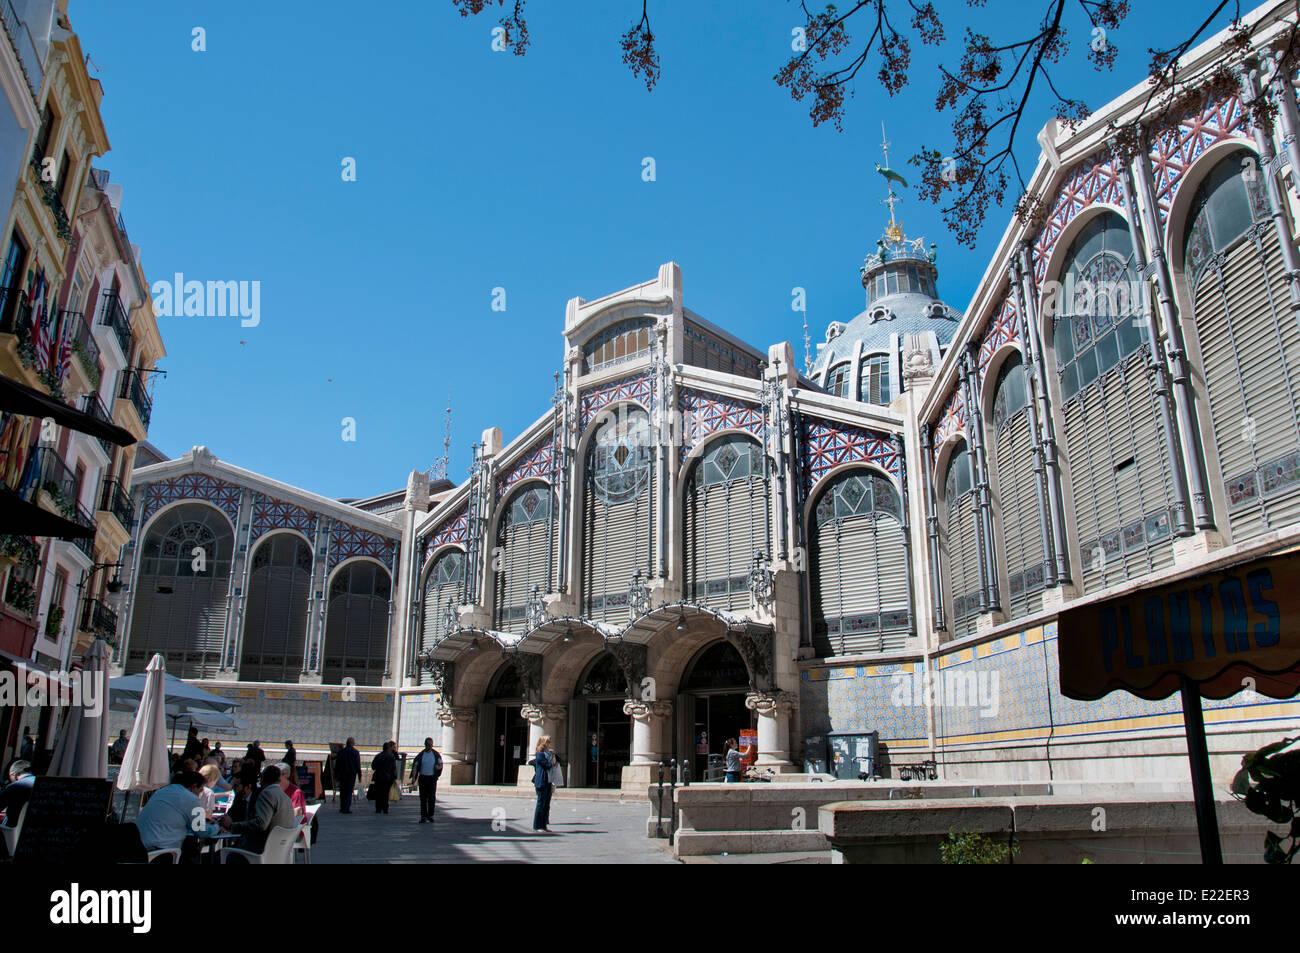 Central Market (Mercado Central) Valencia Spain city center - Stock Image